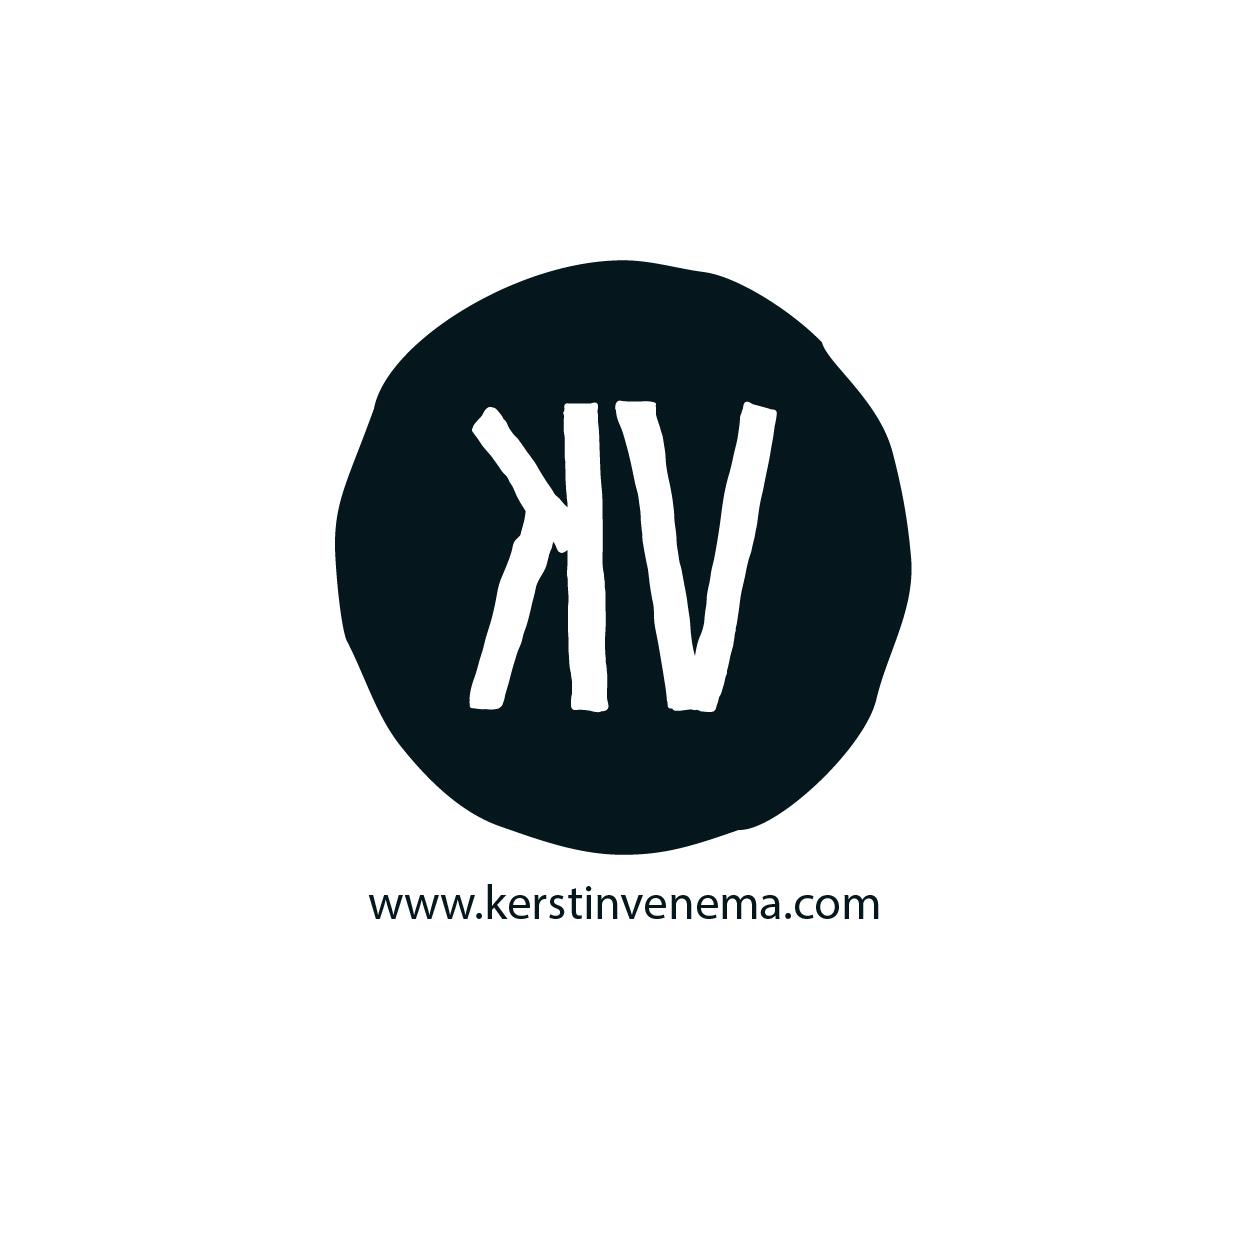 Logo_KerstinVenema_Zeichenfläche 1.jpg